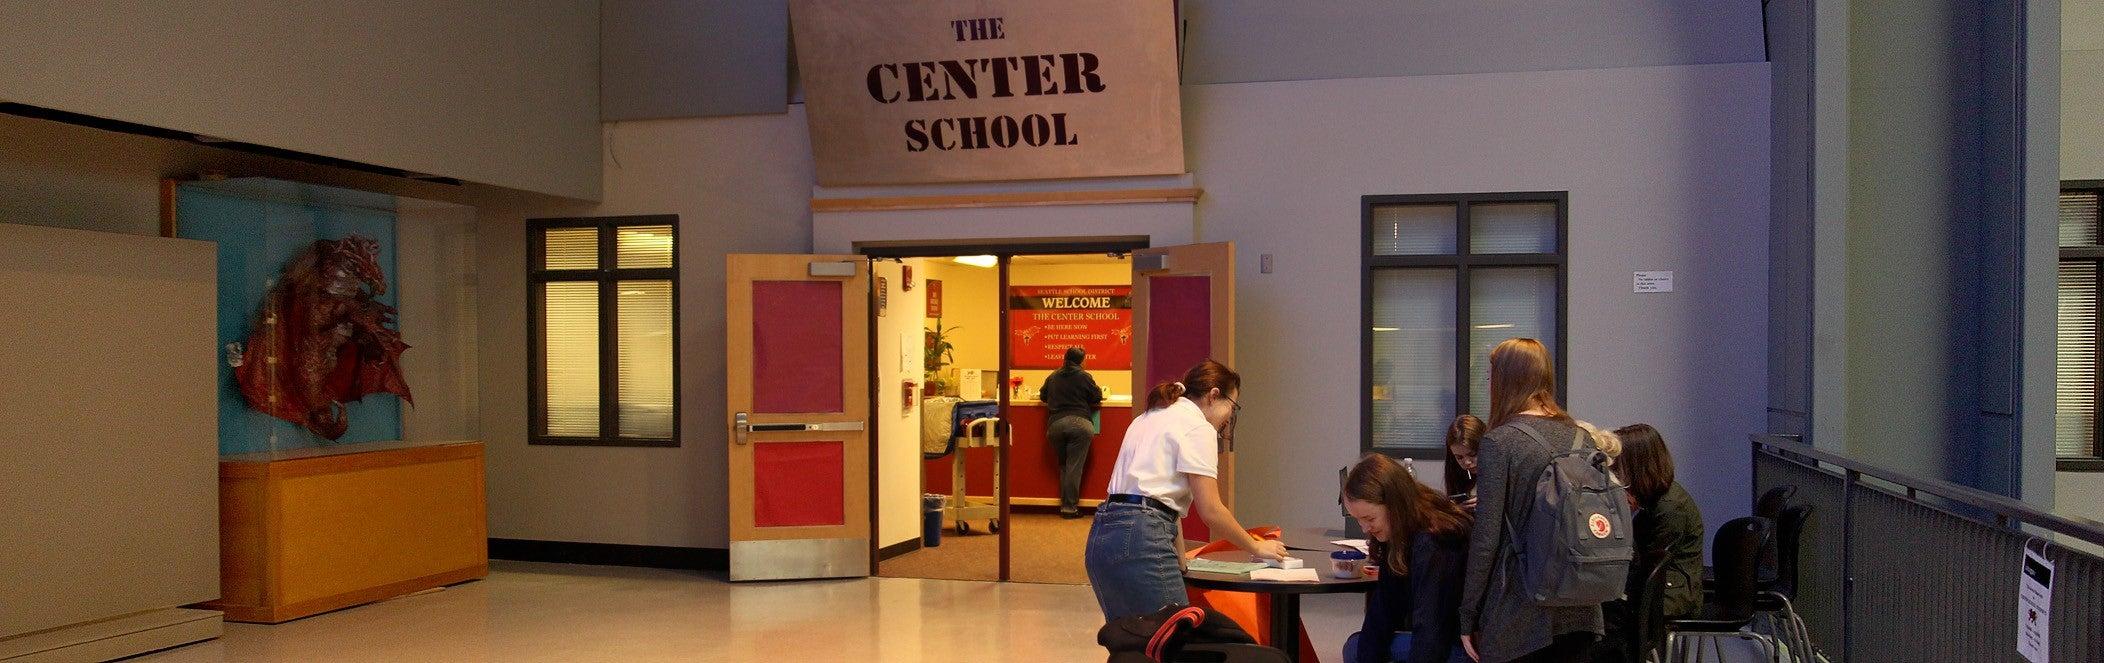 center school entrance